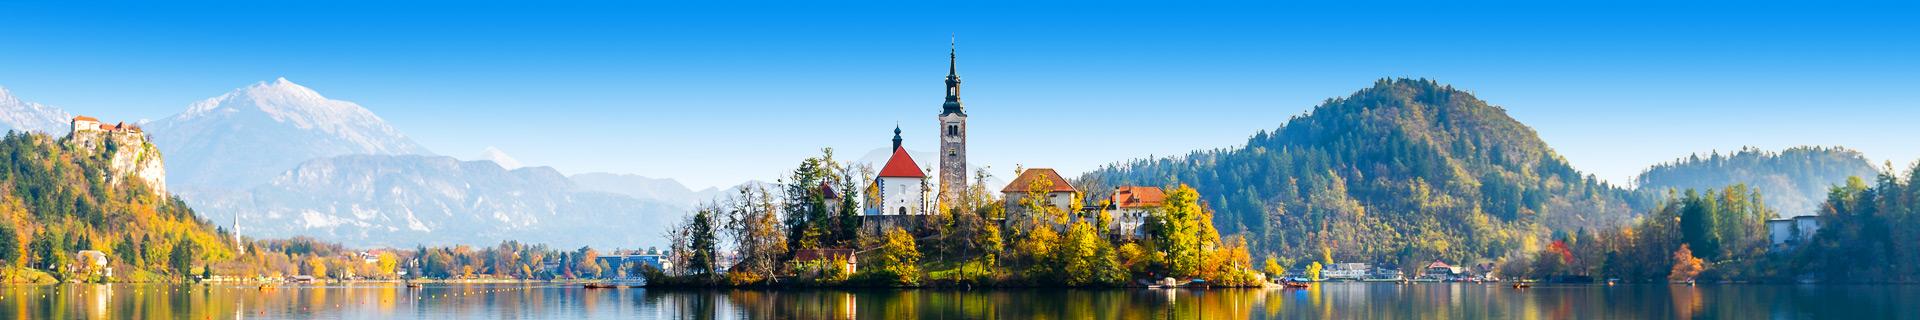 Uitzicht op een meer met een eilandje met een kerkje in Slovenië